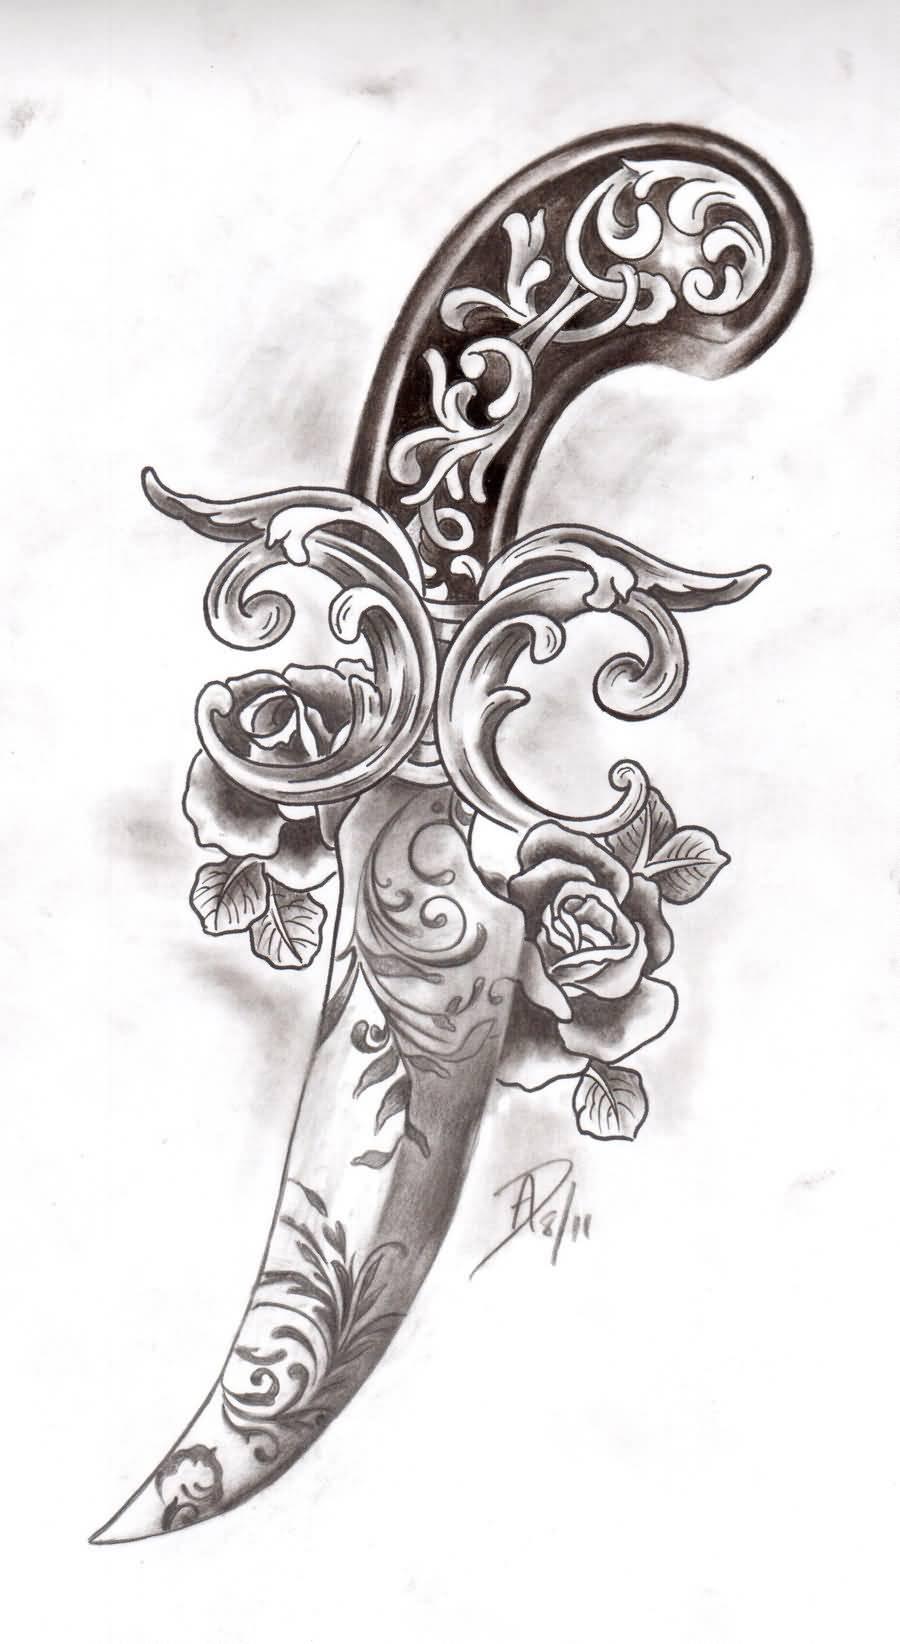 Dagger Tattoo Images & Designs | 900 x 1644 jpeg 101kB